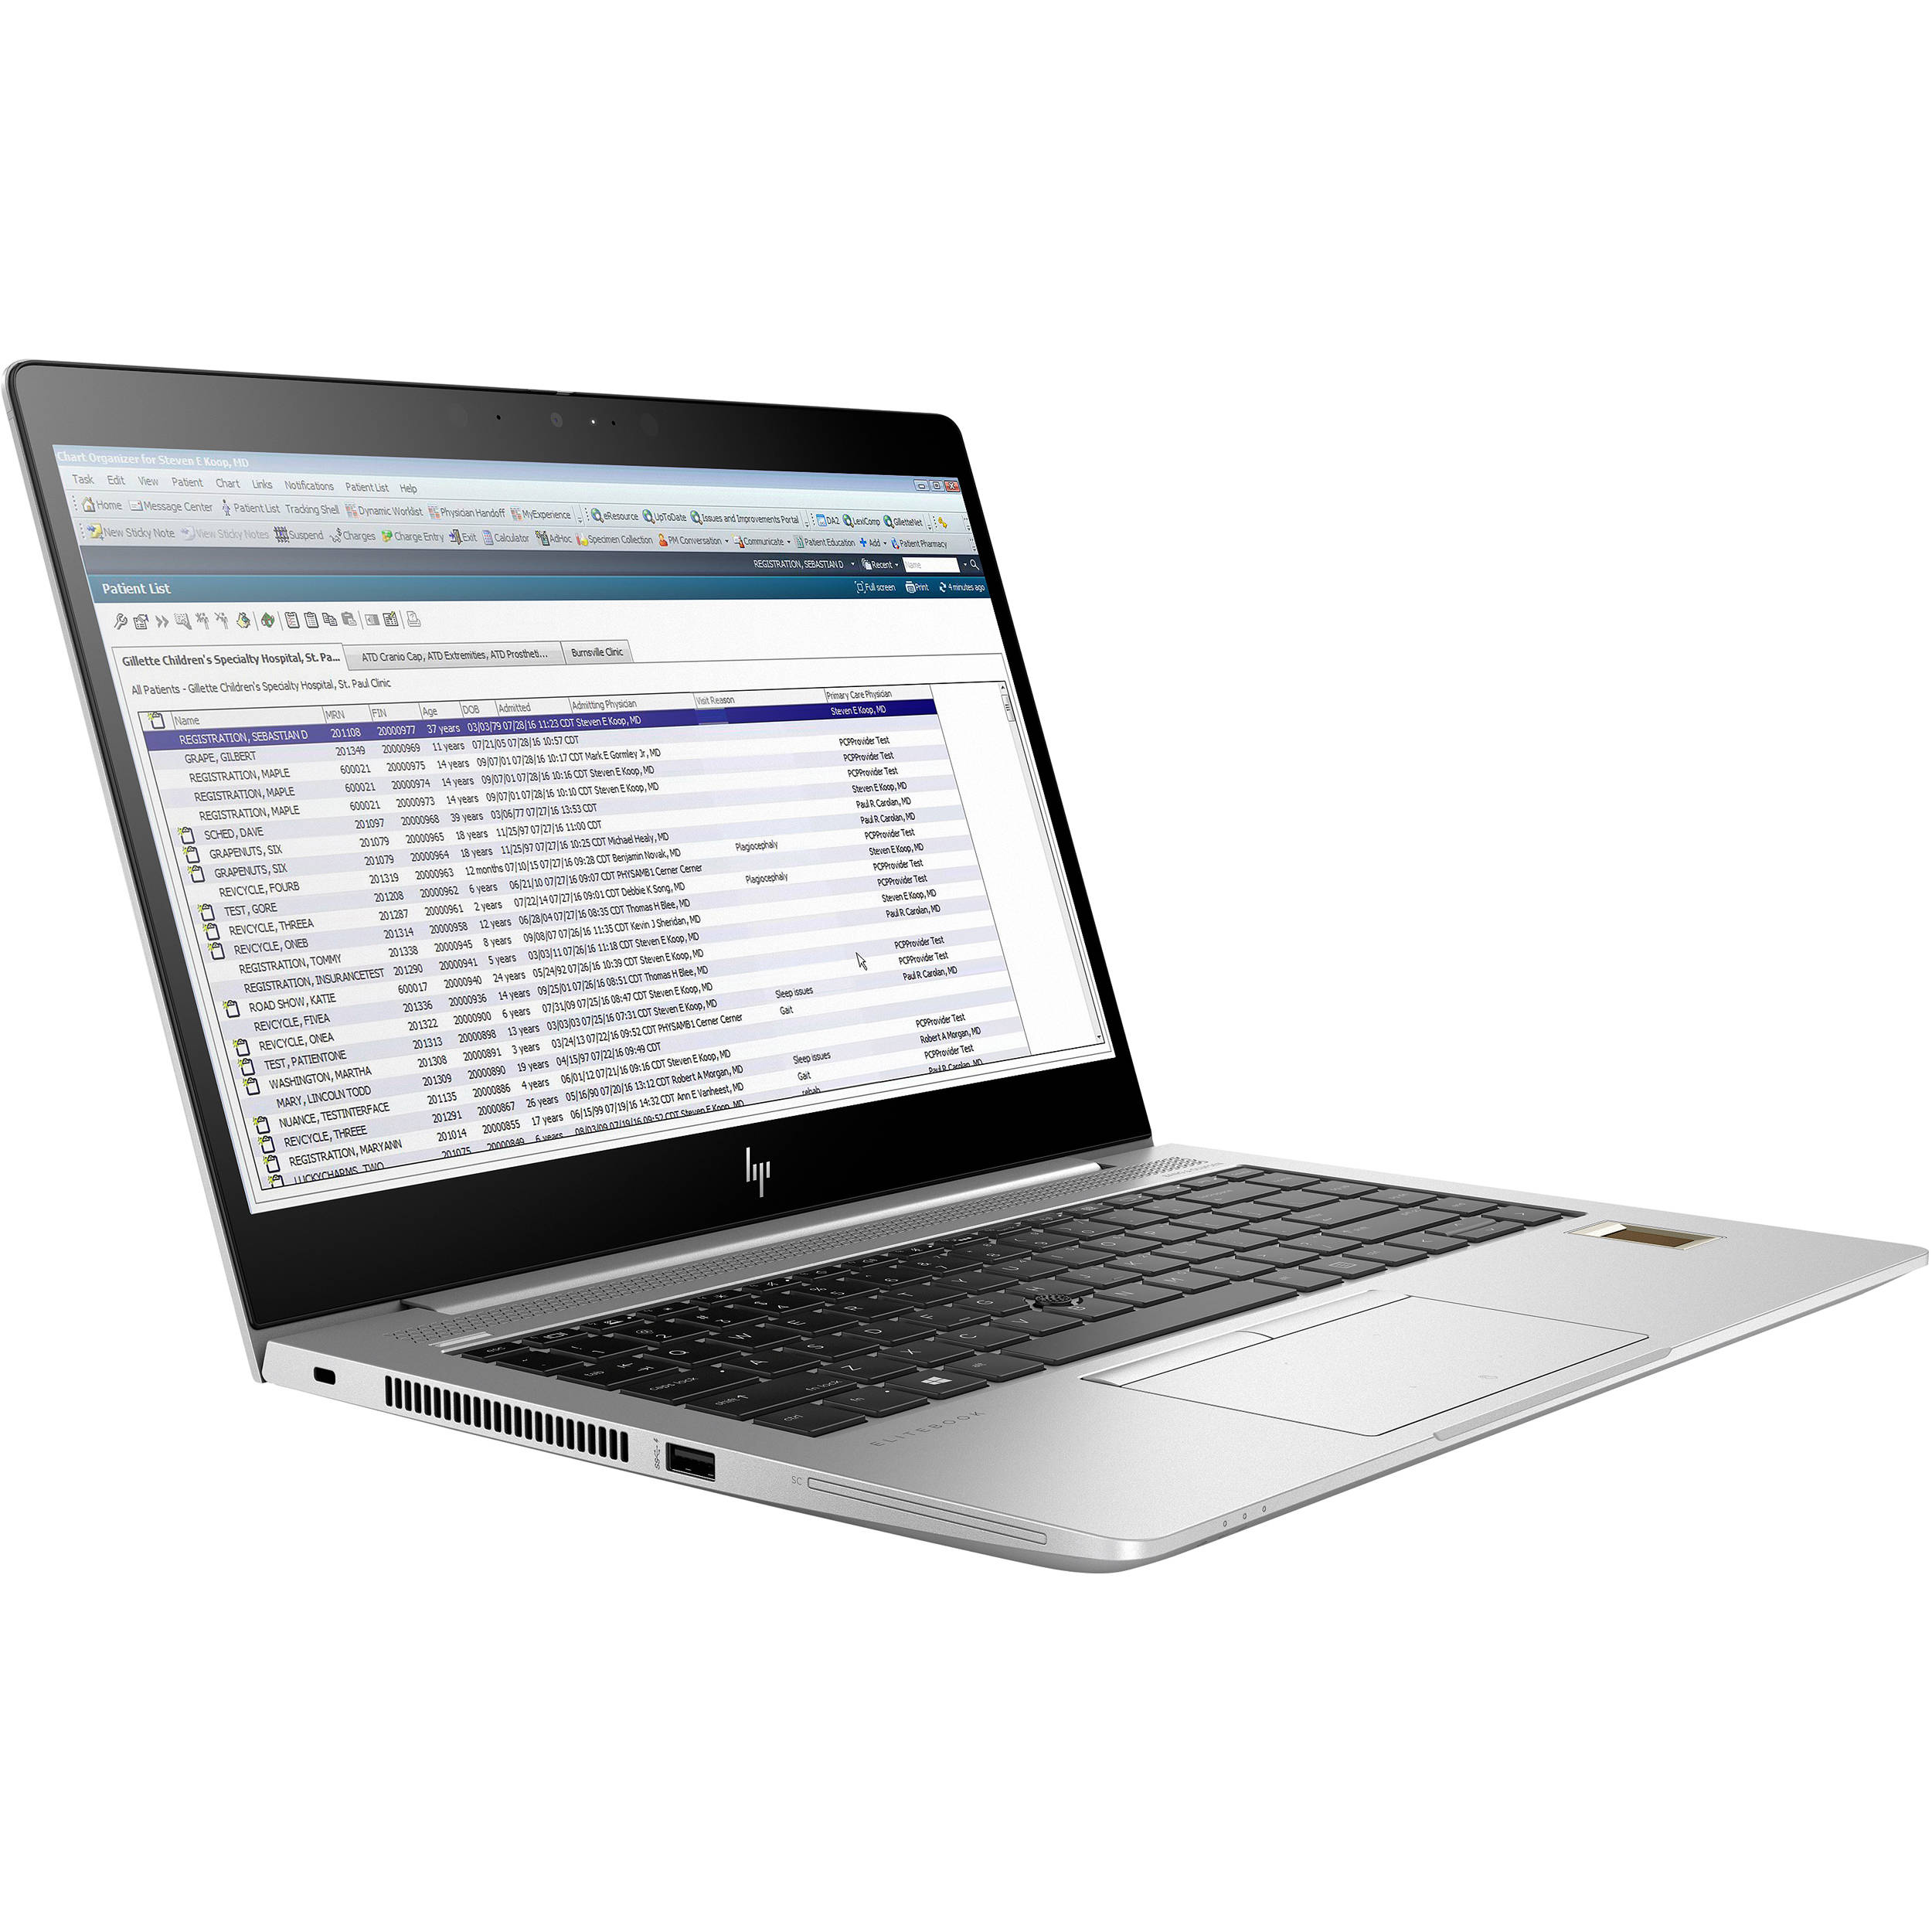 HP 840 G6 HC/ i5-8365U/ 1 6G/ 8GB/ 512SSD/ UHD 620/ Windows 10 Pro/ 14